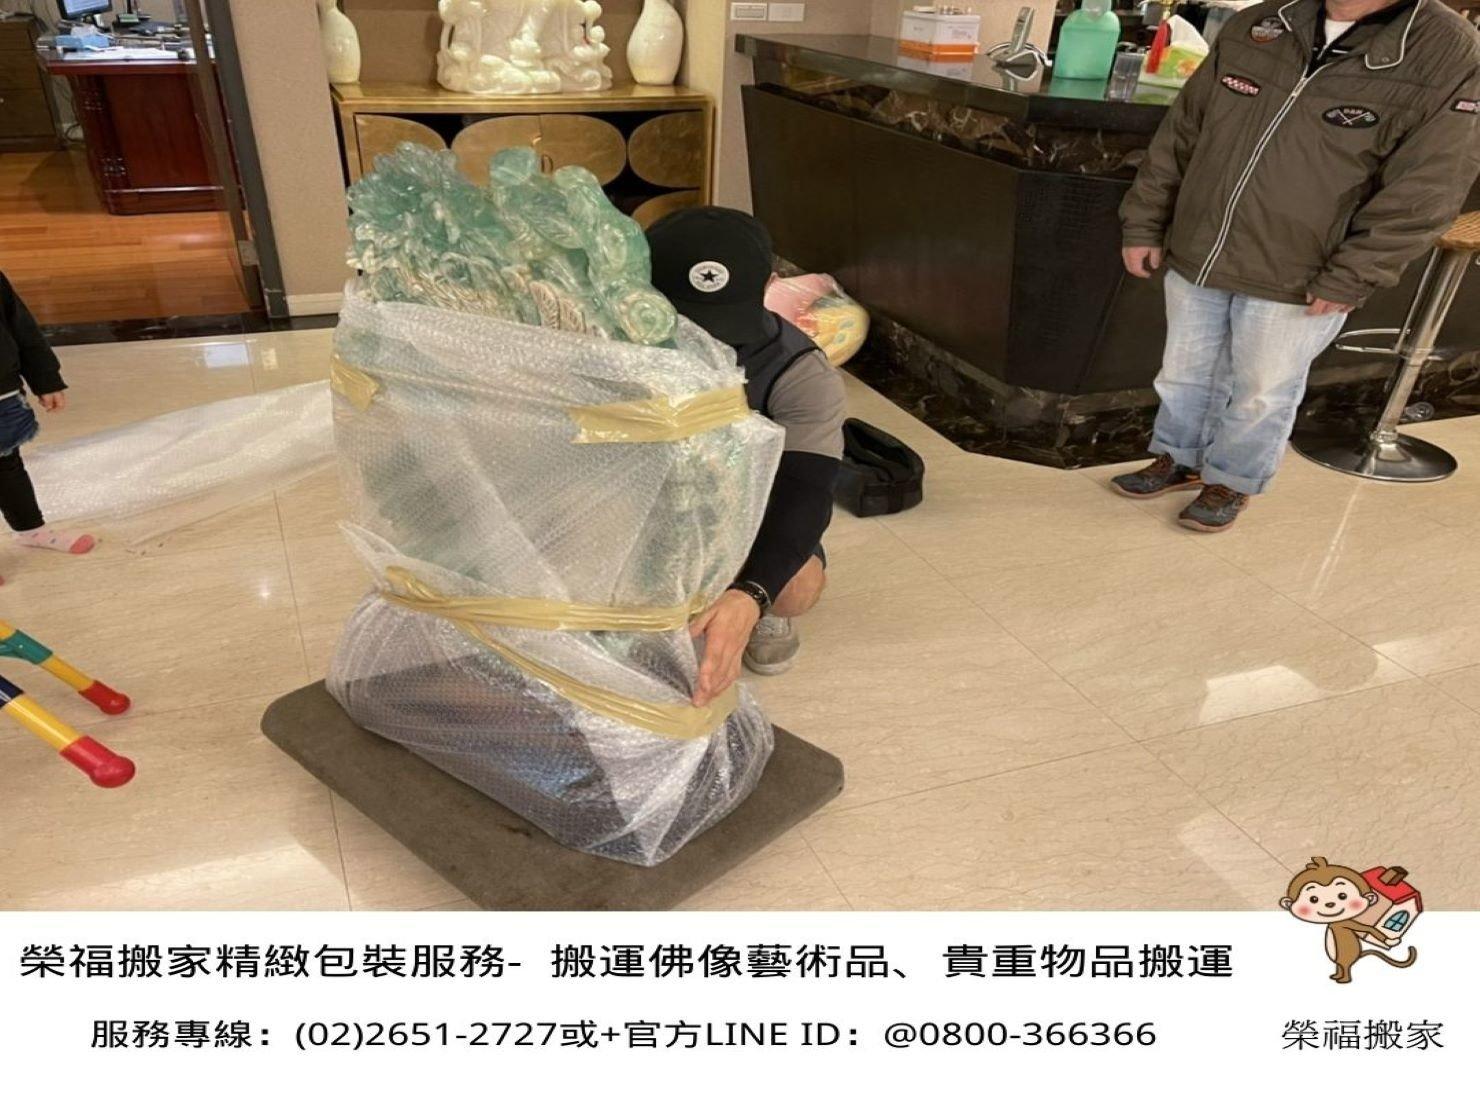 【搬家實錄】榮福搬家搬運玉石藝術品、搬佛像,公開安全防護與搬運技巧小撇步